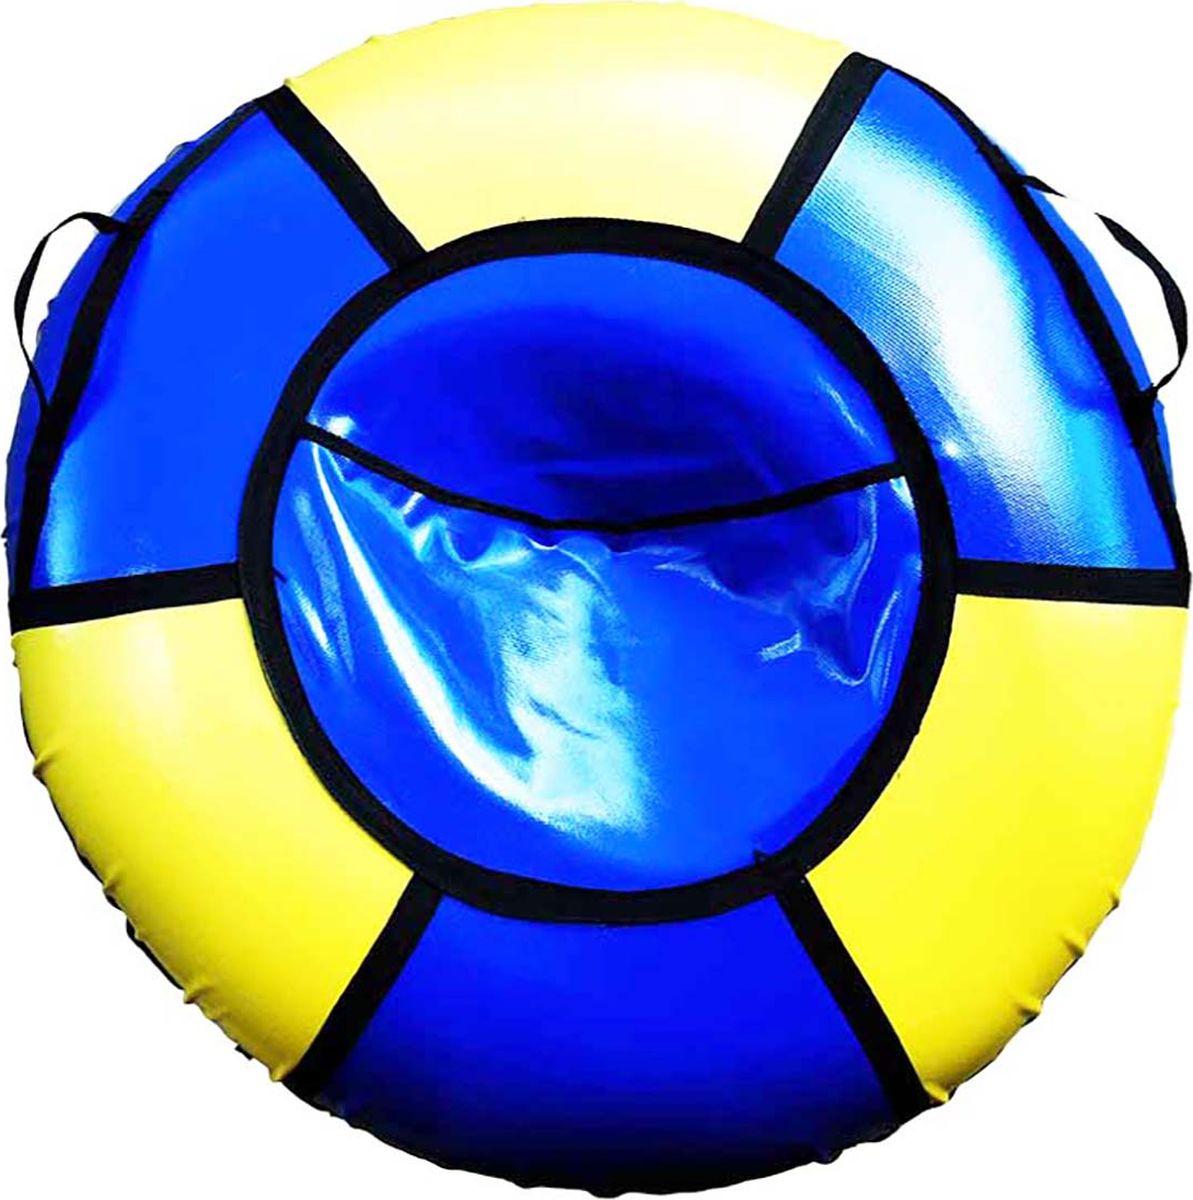 Тюбинг Эх, Прокачу! Профи-6, цвет: синий, желтый, 100 смСП100-6-2Качественные бюджетные санки-ватрушки для катания по снегу из 6 секций * размеры указаны в надутом состоянии * дно изготовлено из ткани ПВХ 630г/м2 * верх изготовлен из ткани ПВХ 630гр/м2 * камера российского производства * буксировочный ремень * морозоустойчивость -45 * допускается деформация формы санок из-за неравномерности надутия камеры